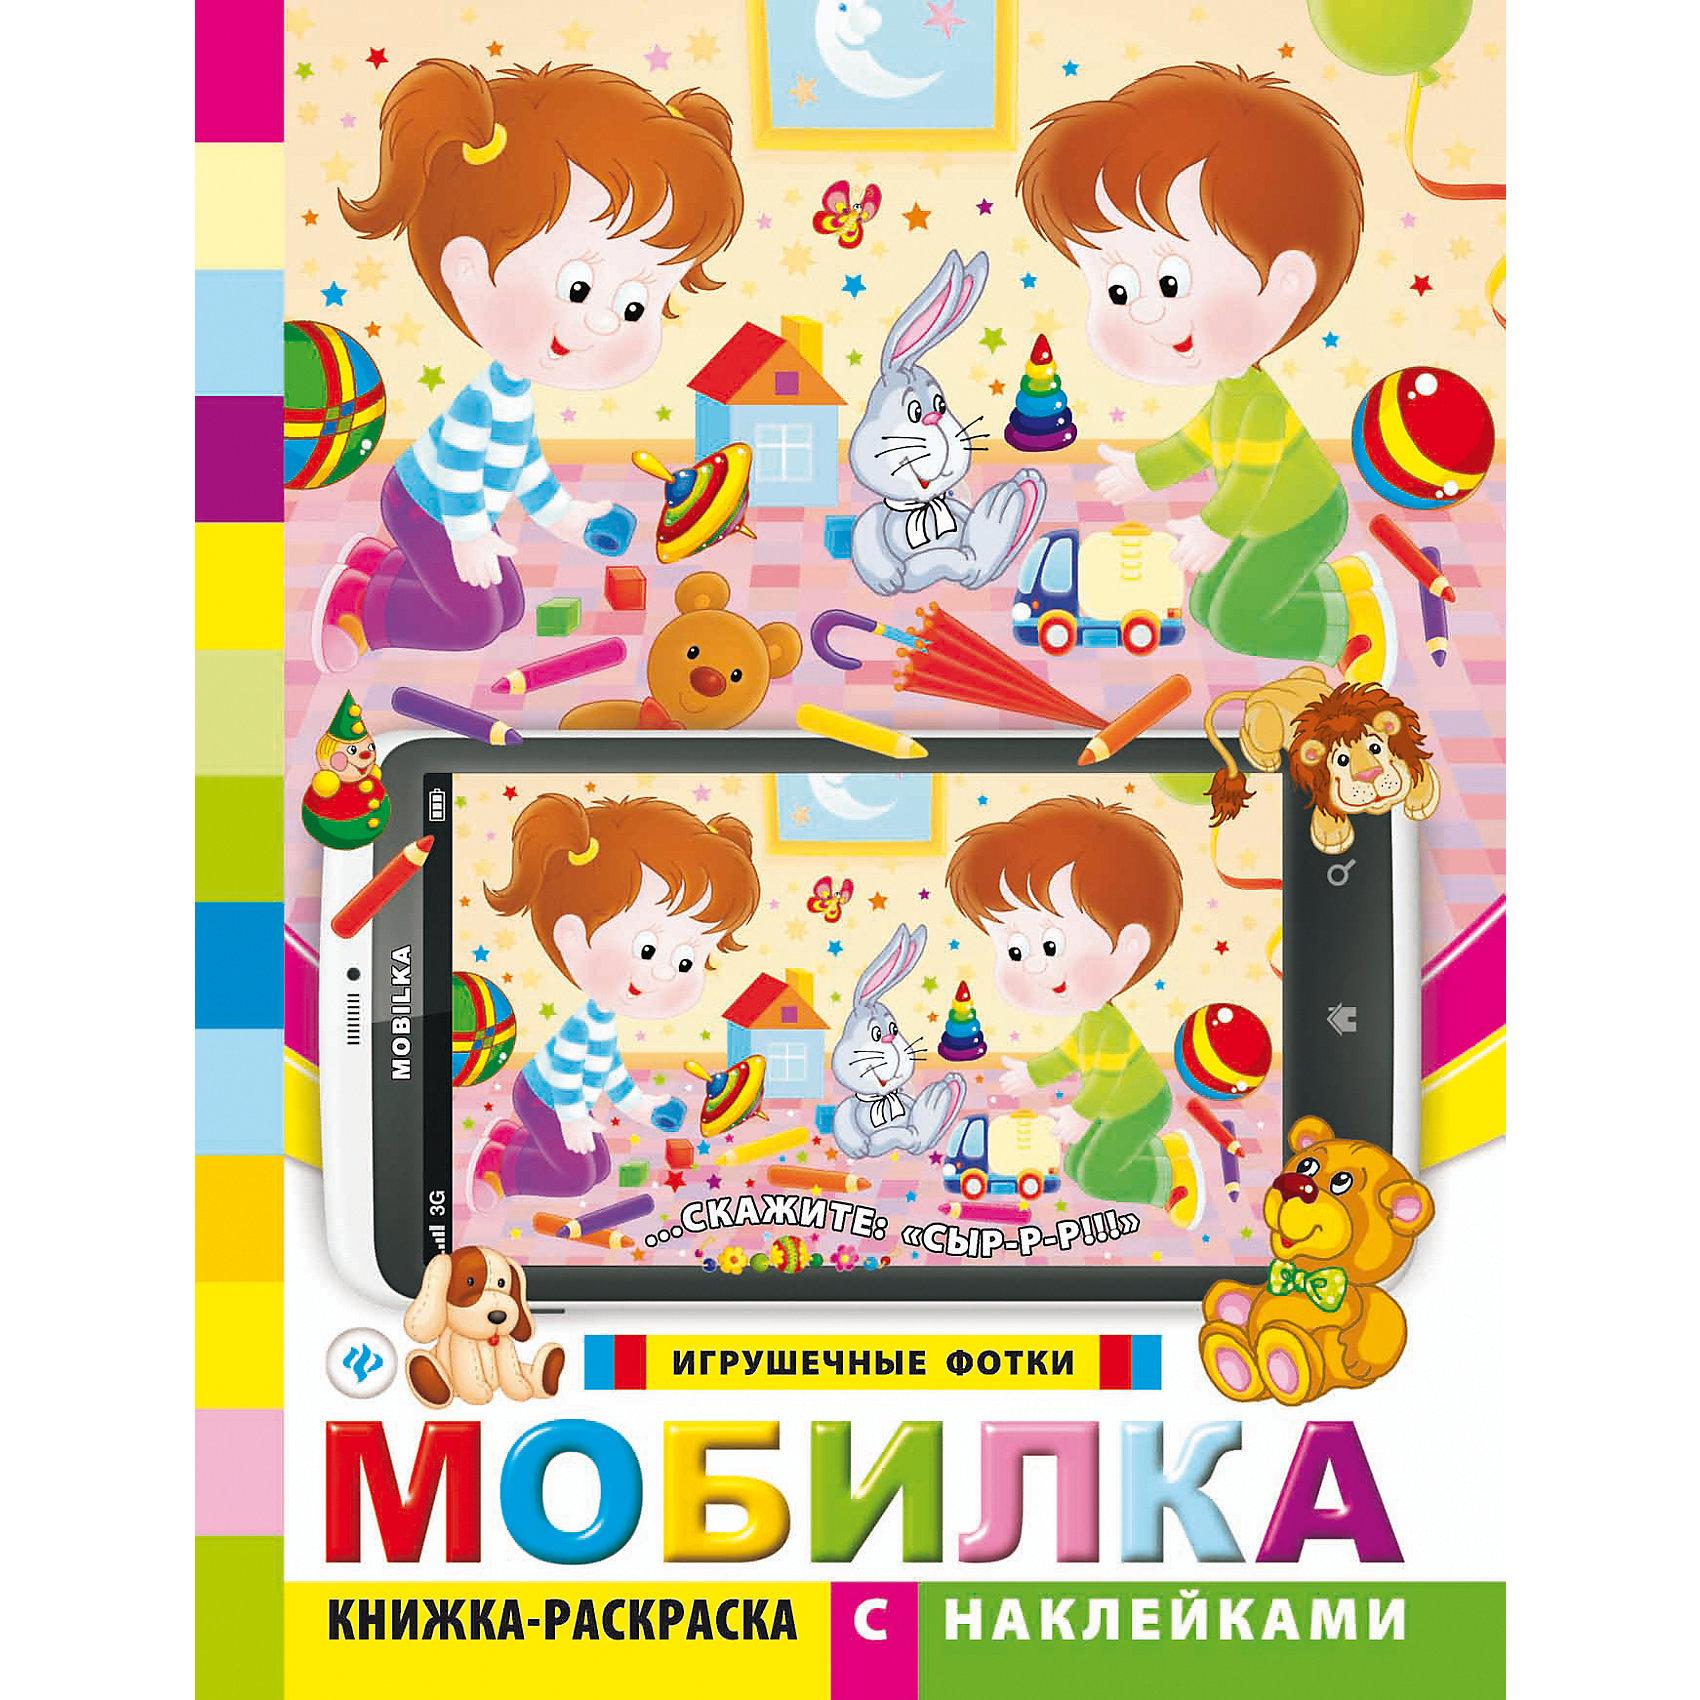 Fenix Книжка-расскраска с наклейками Игрушечные фотки рождественская история книжка с наклейками